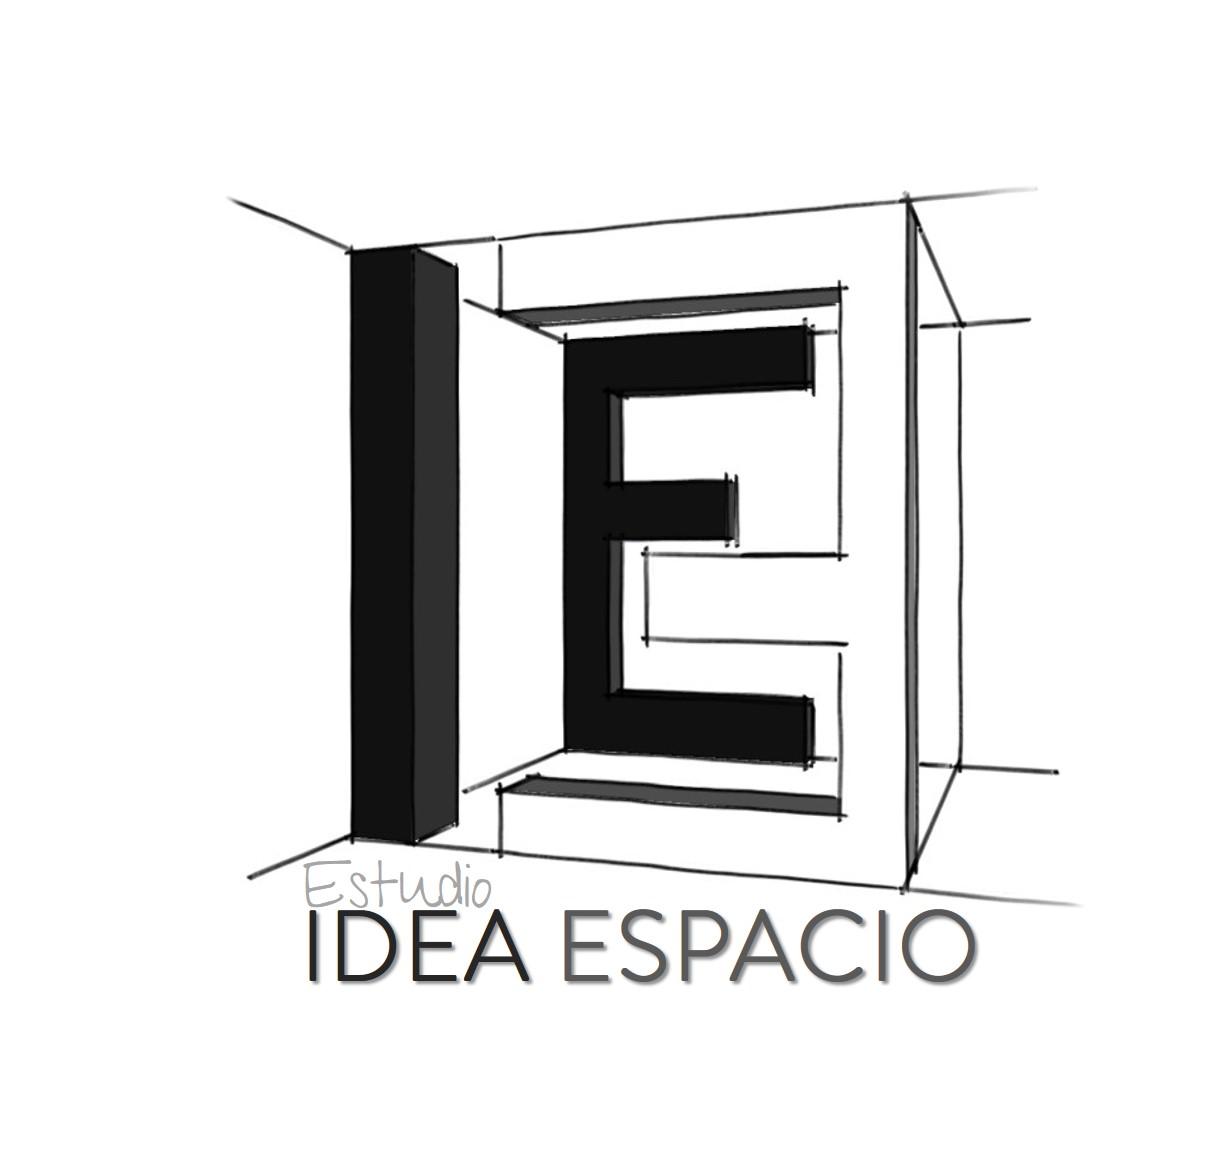 Idea Espacio